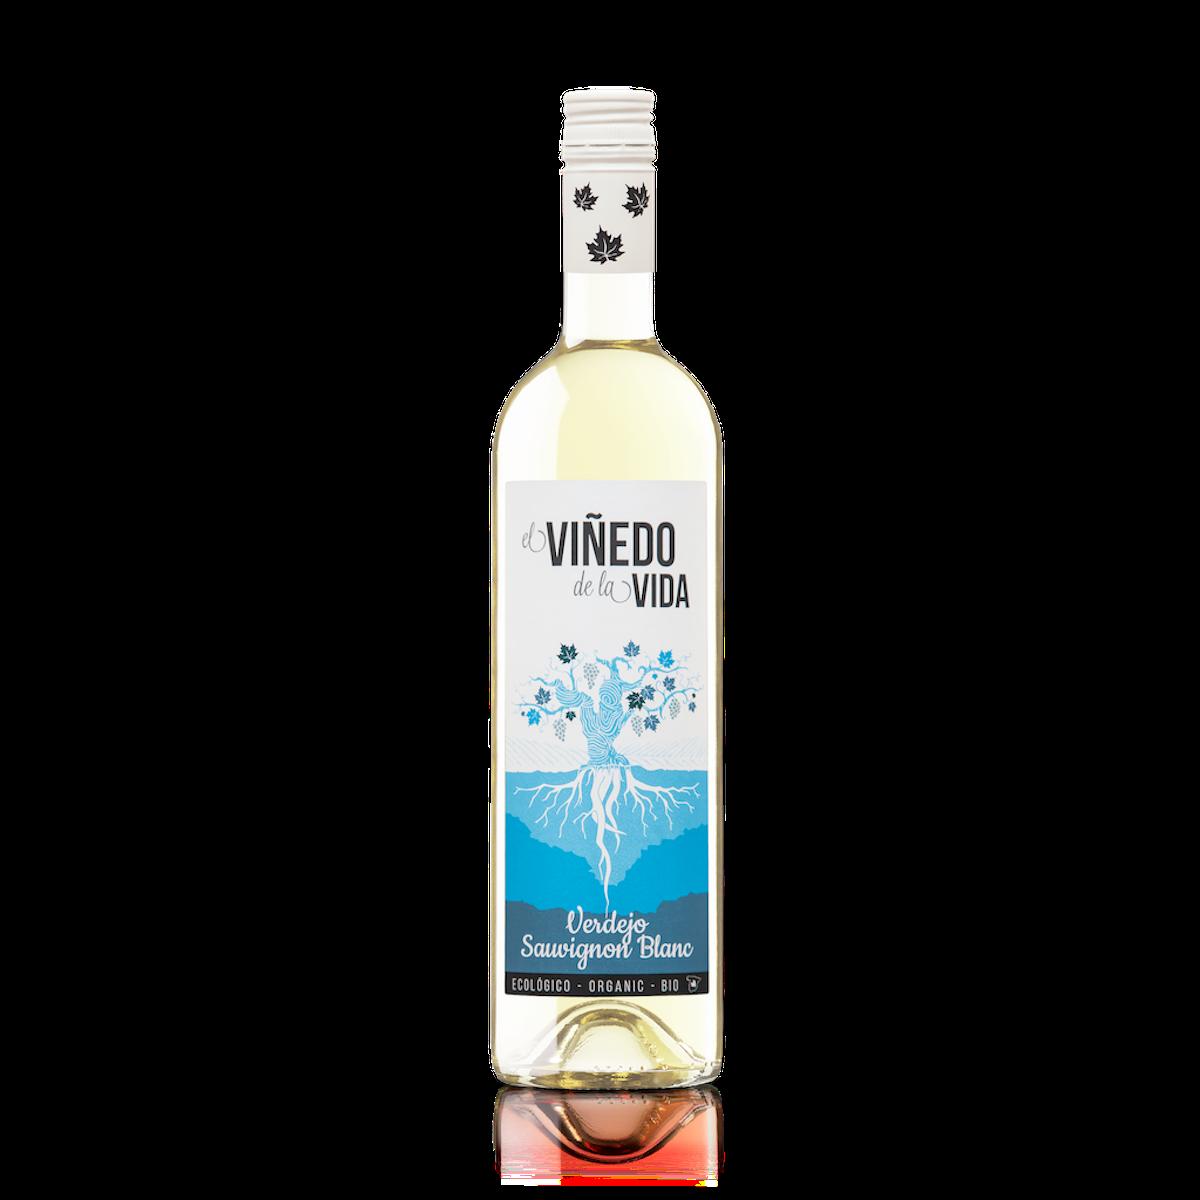 Verdejo/Sauvignon Blanc 'Vinedo de la Vida'